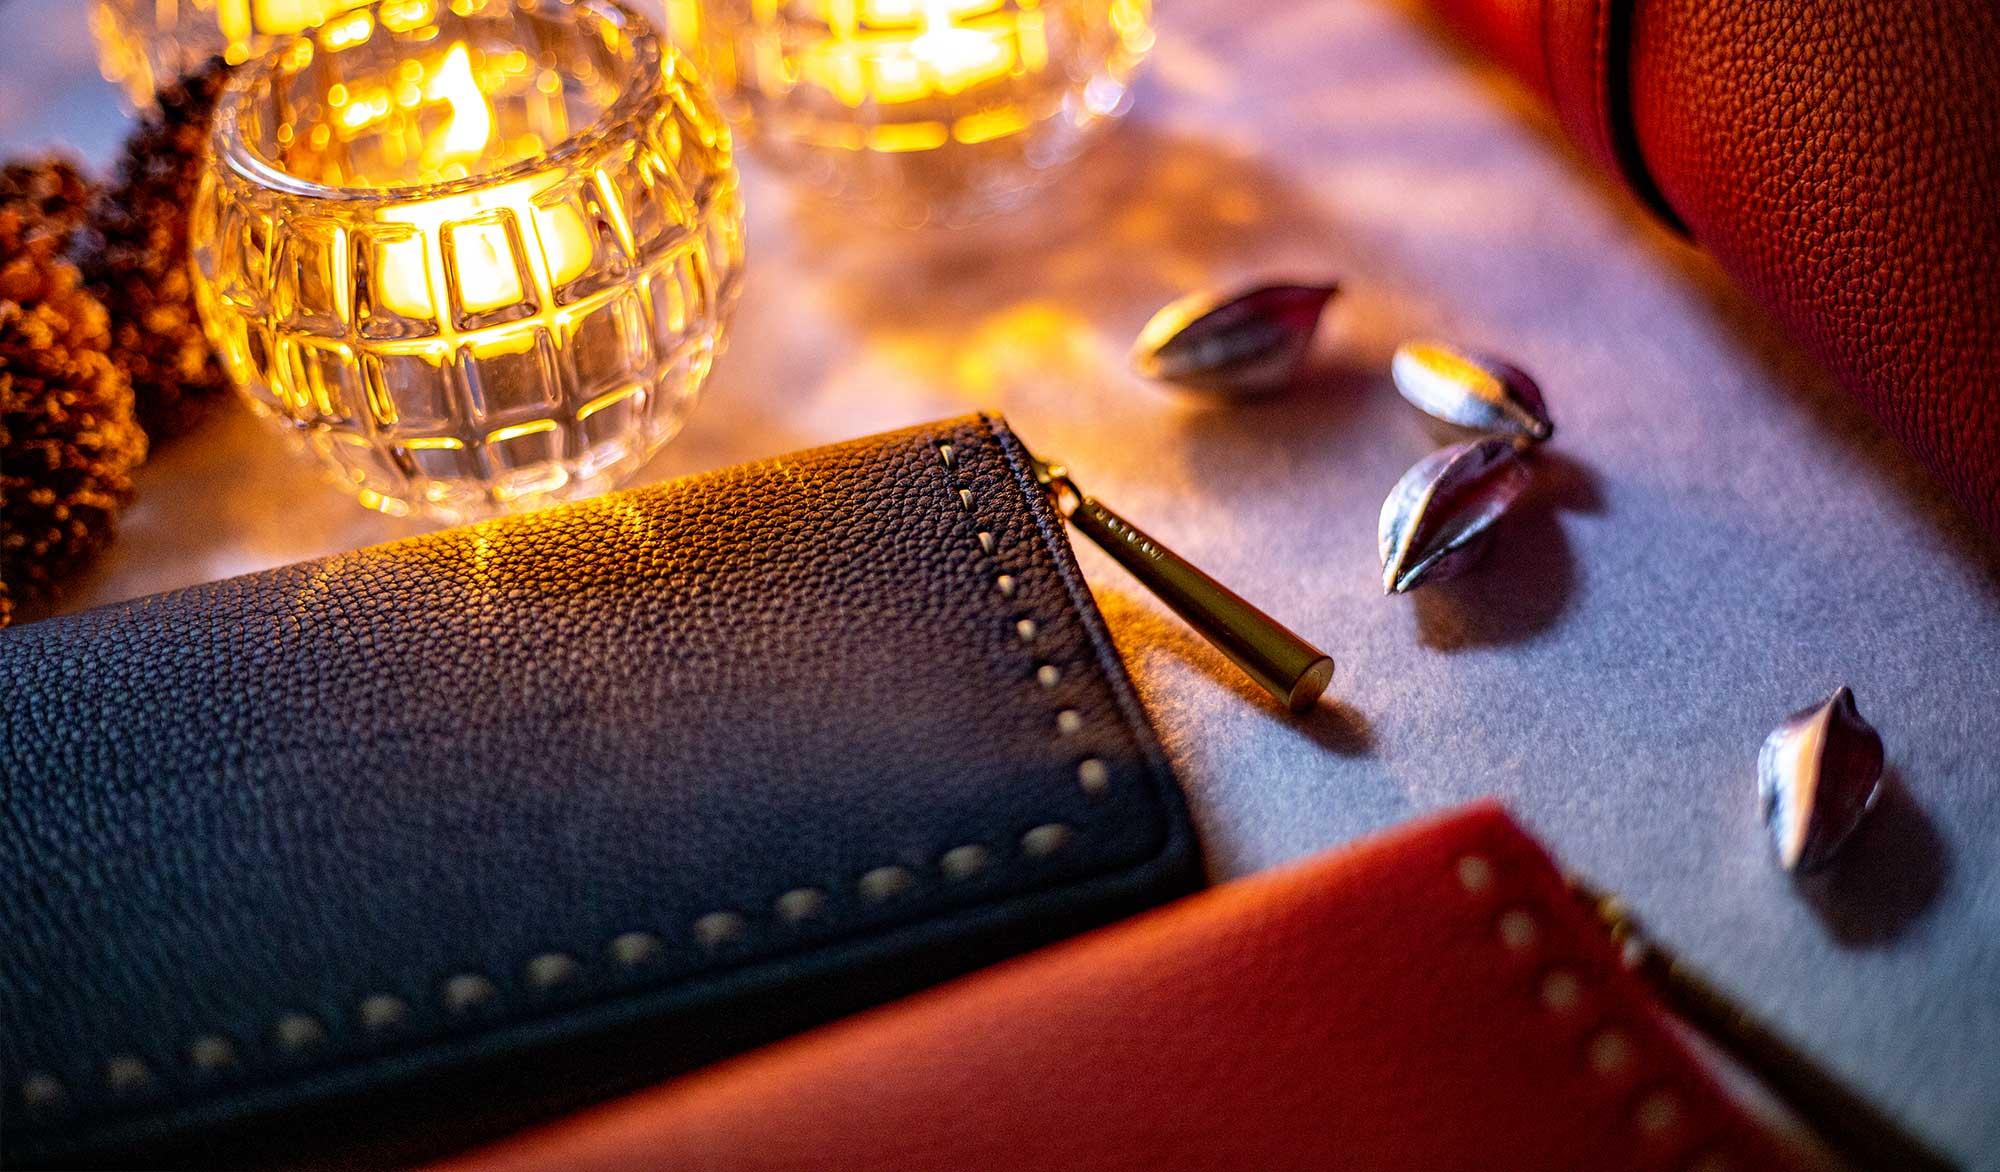 最高級シュリンクレザー・エスポワールで造る日本製のラウンドジッパー長財布[本革ウォレット]SAHO。